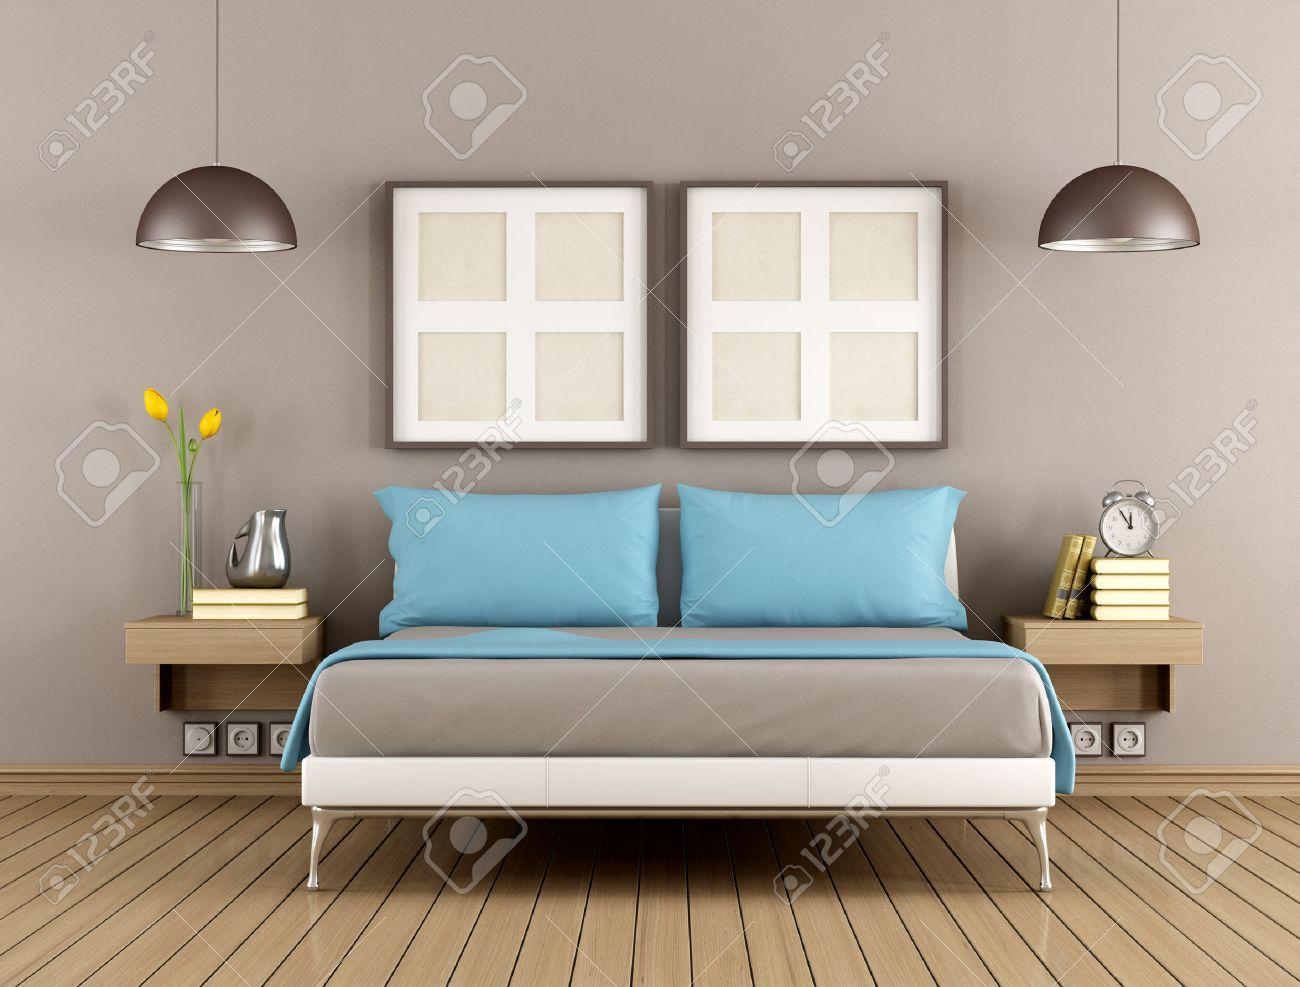 Chambre à coucher contemporaine avec lit double - rendu